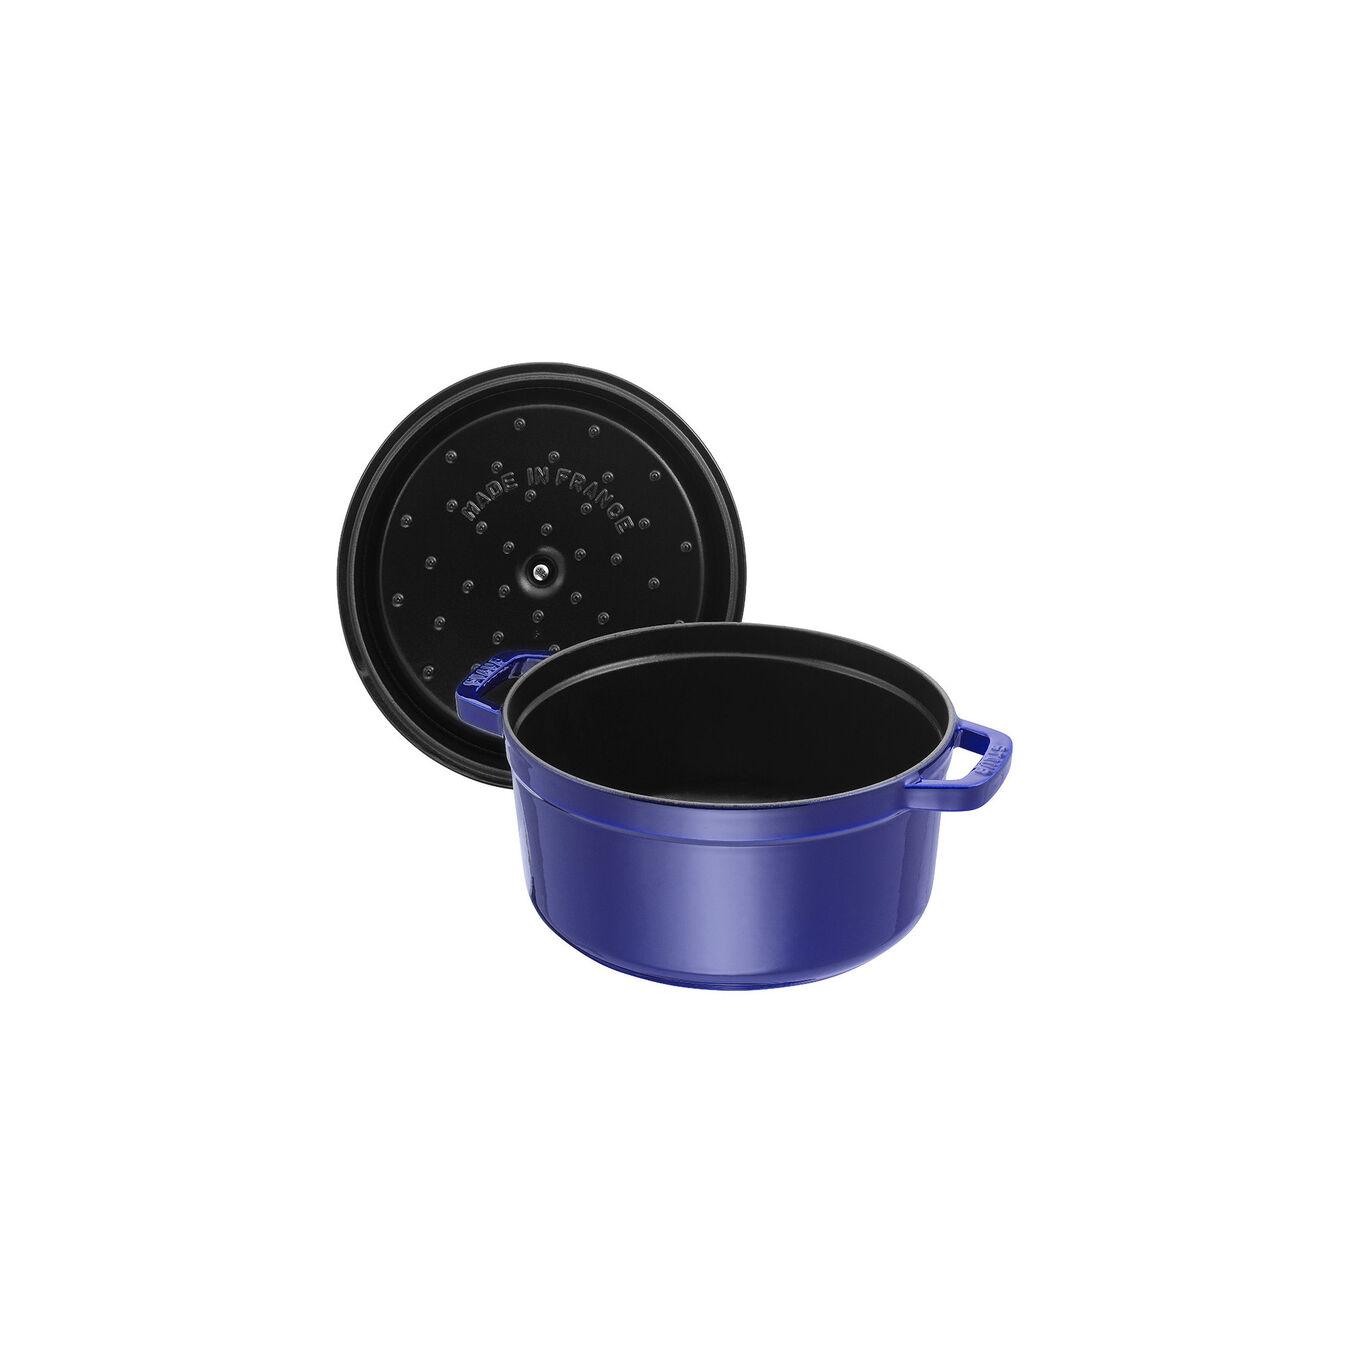 Cocotte rotonda - 22 cm, blu scuro,,large 4